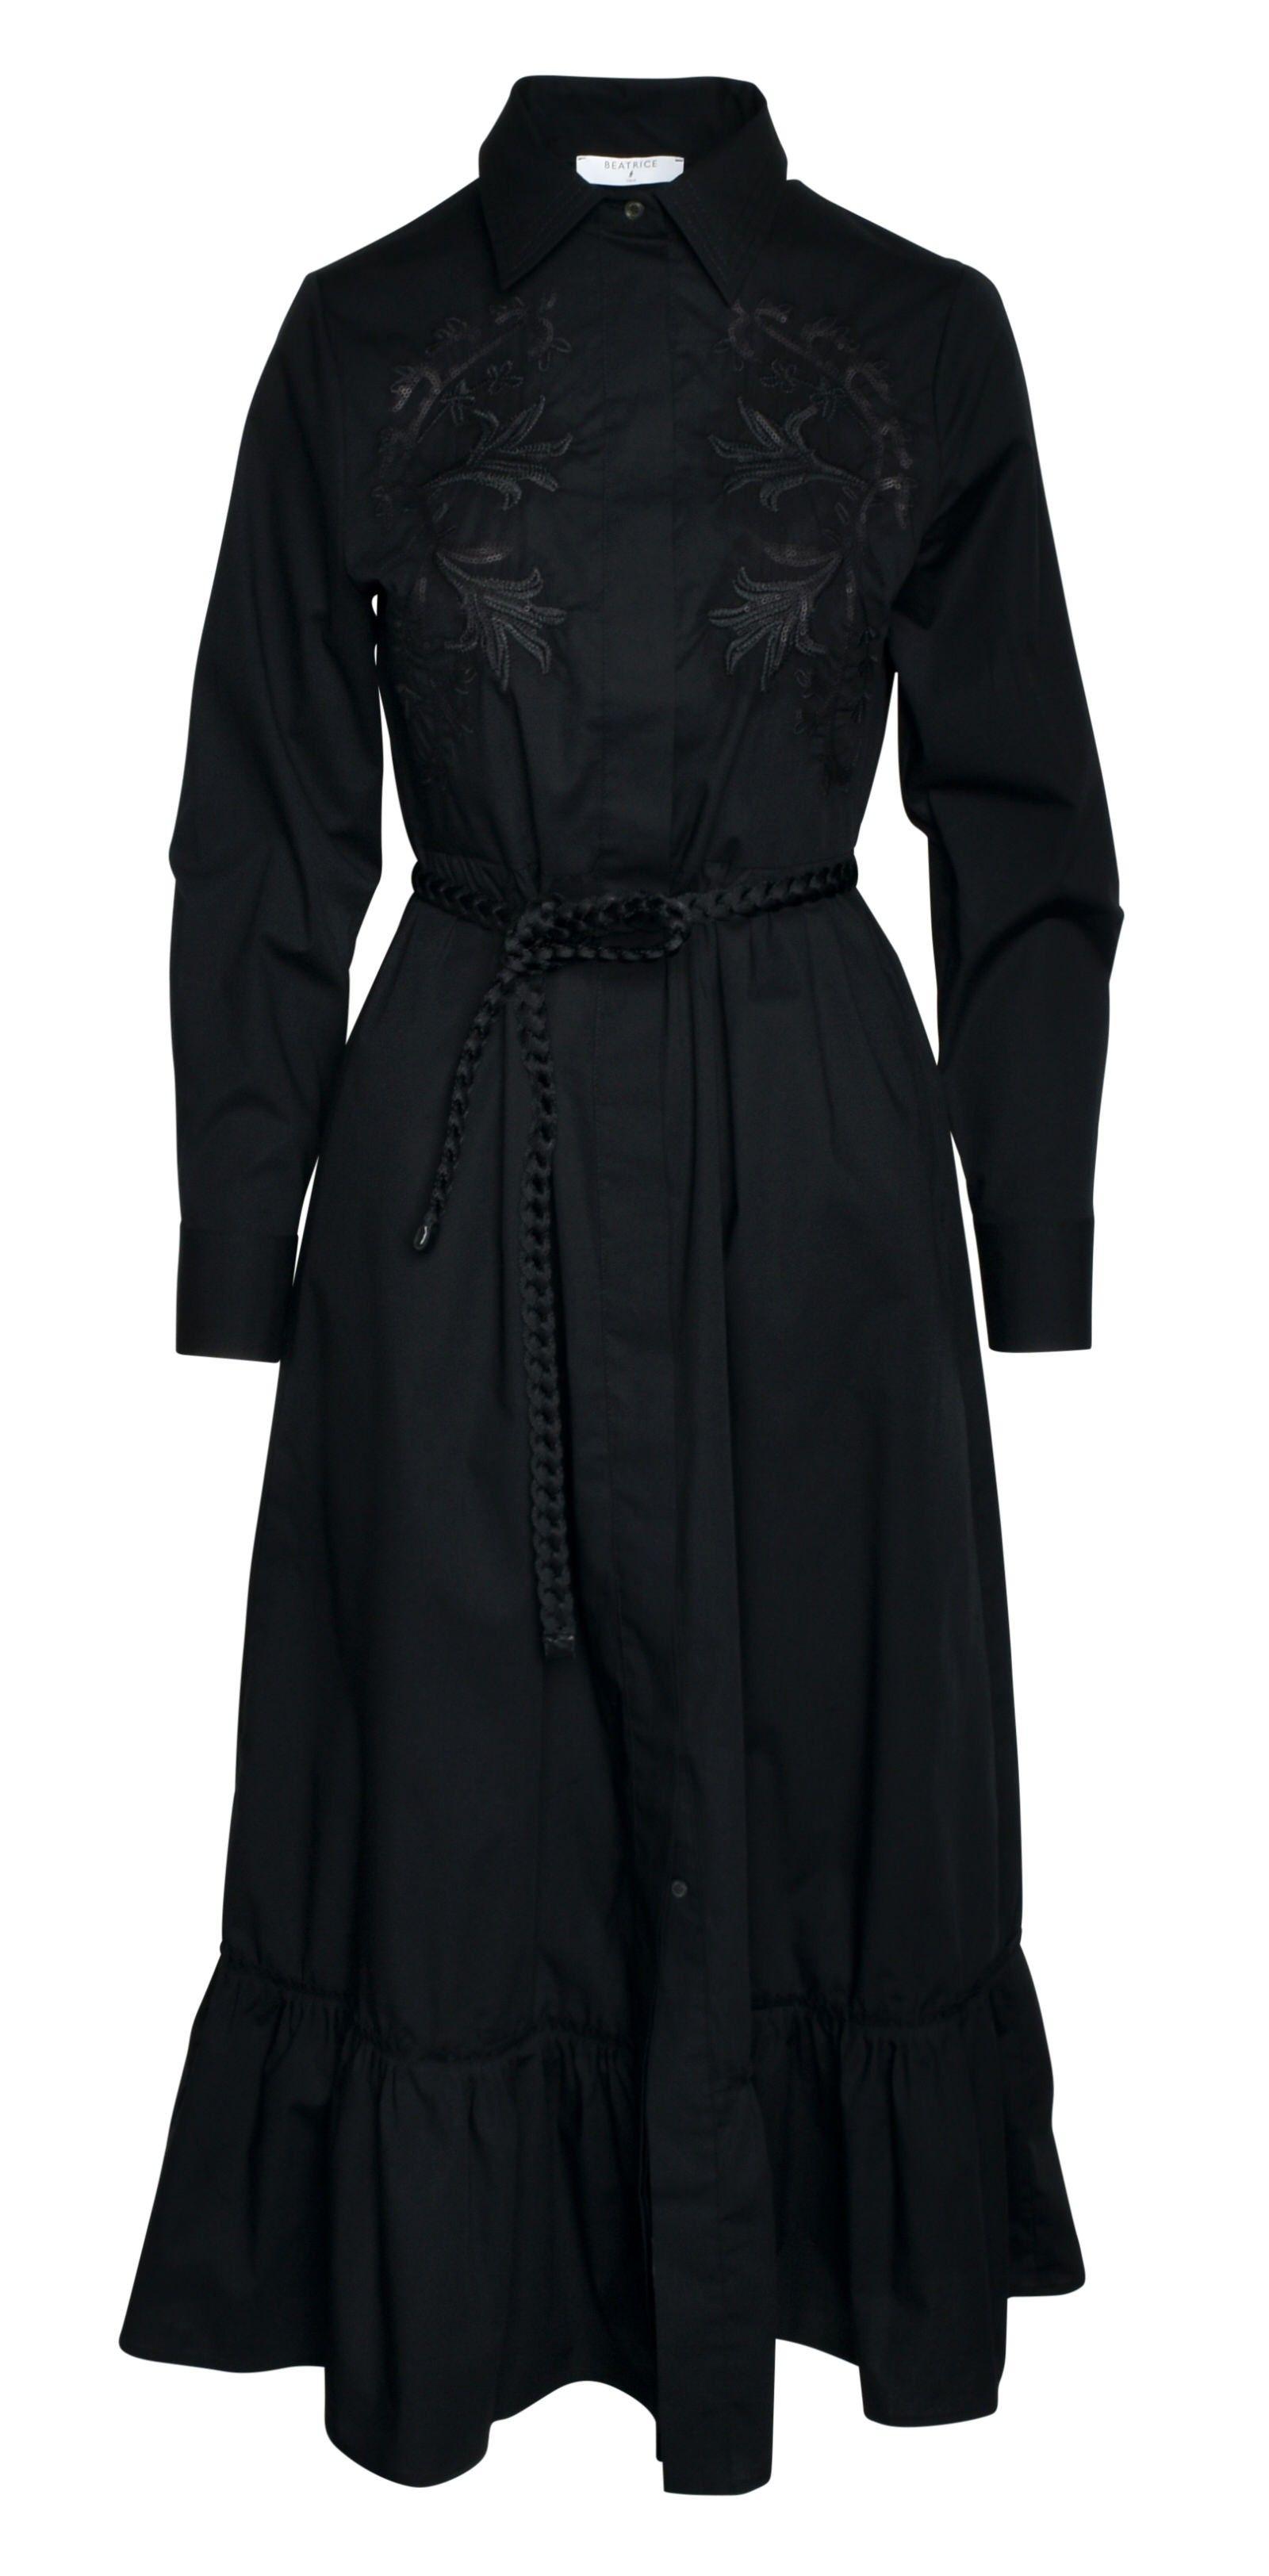 BEATRICE B - Damen Kleid - Abito Black